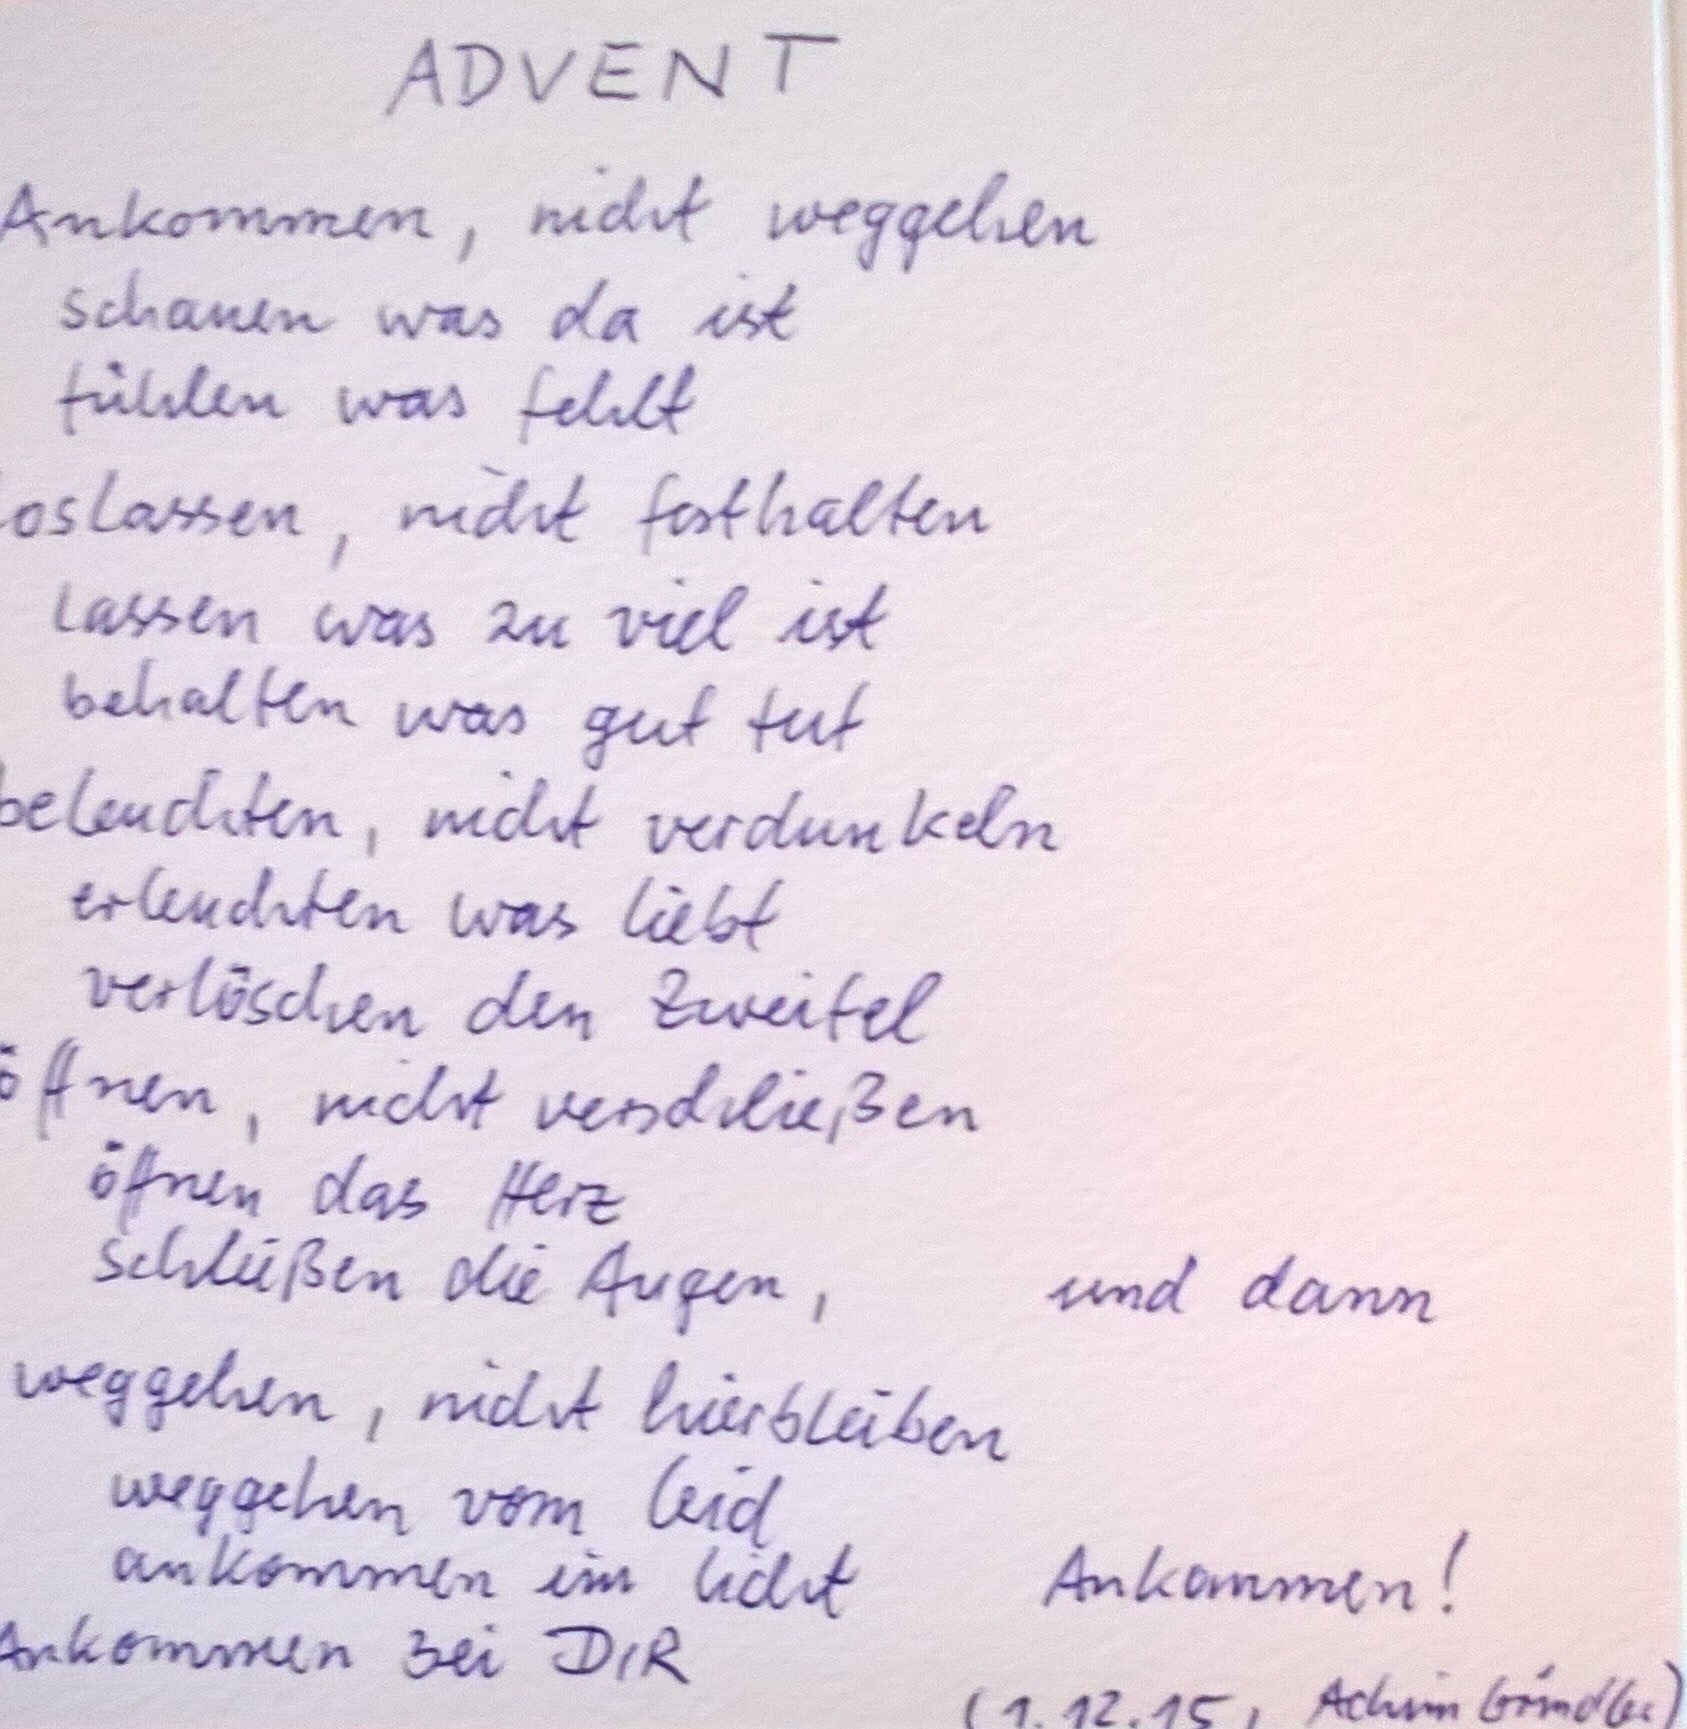 ein handschriftliches Schriftstück, dass den unten stehenden Text enthält.